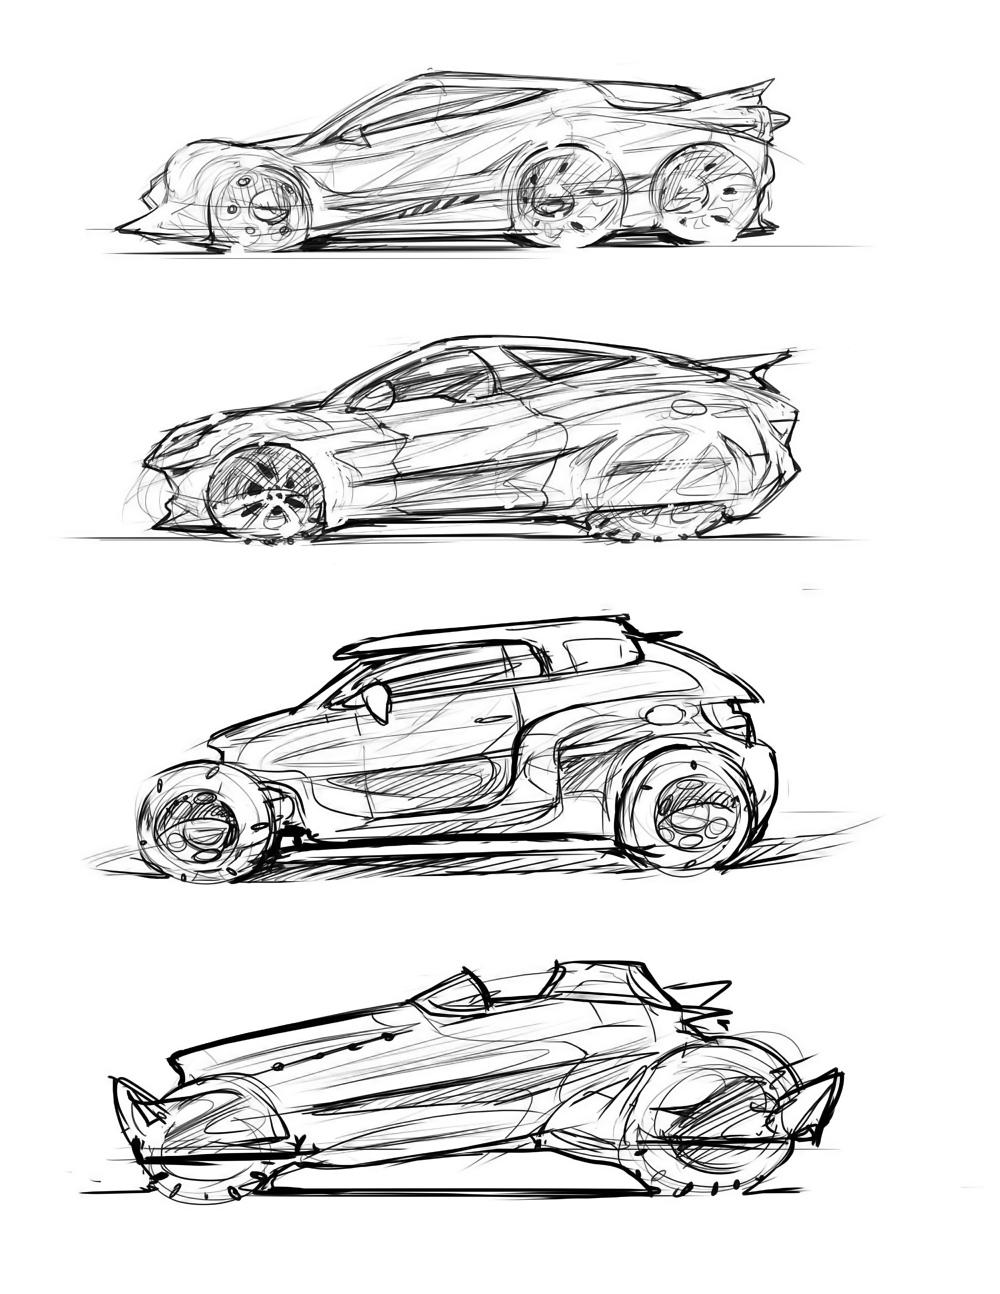 Vehicle Doodles – TIM GUO DESIGN